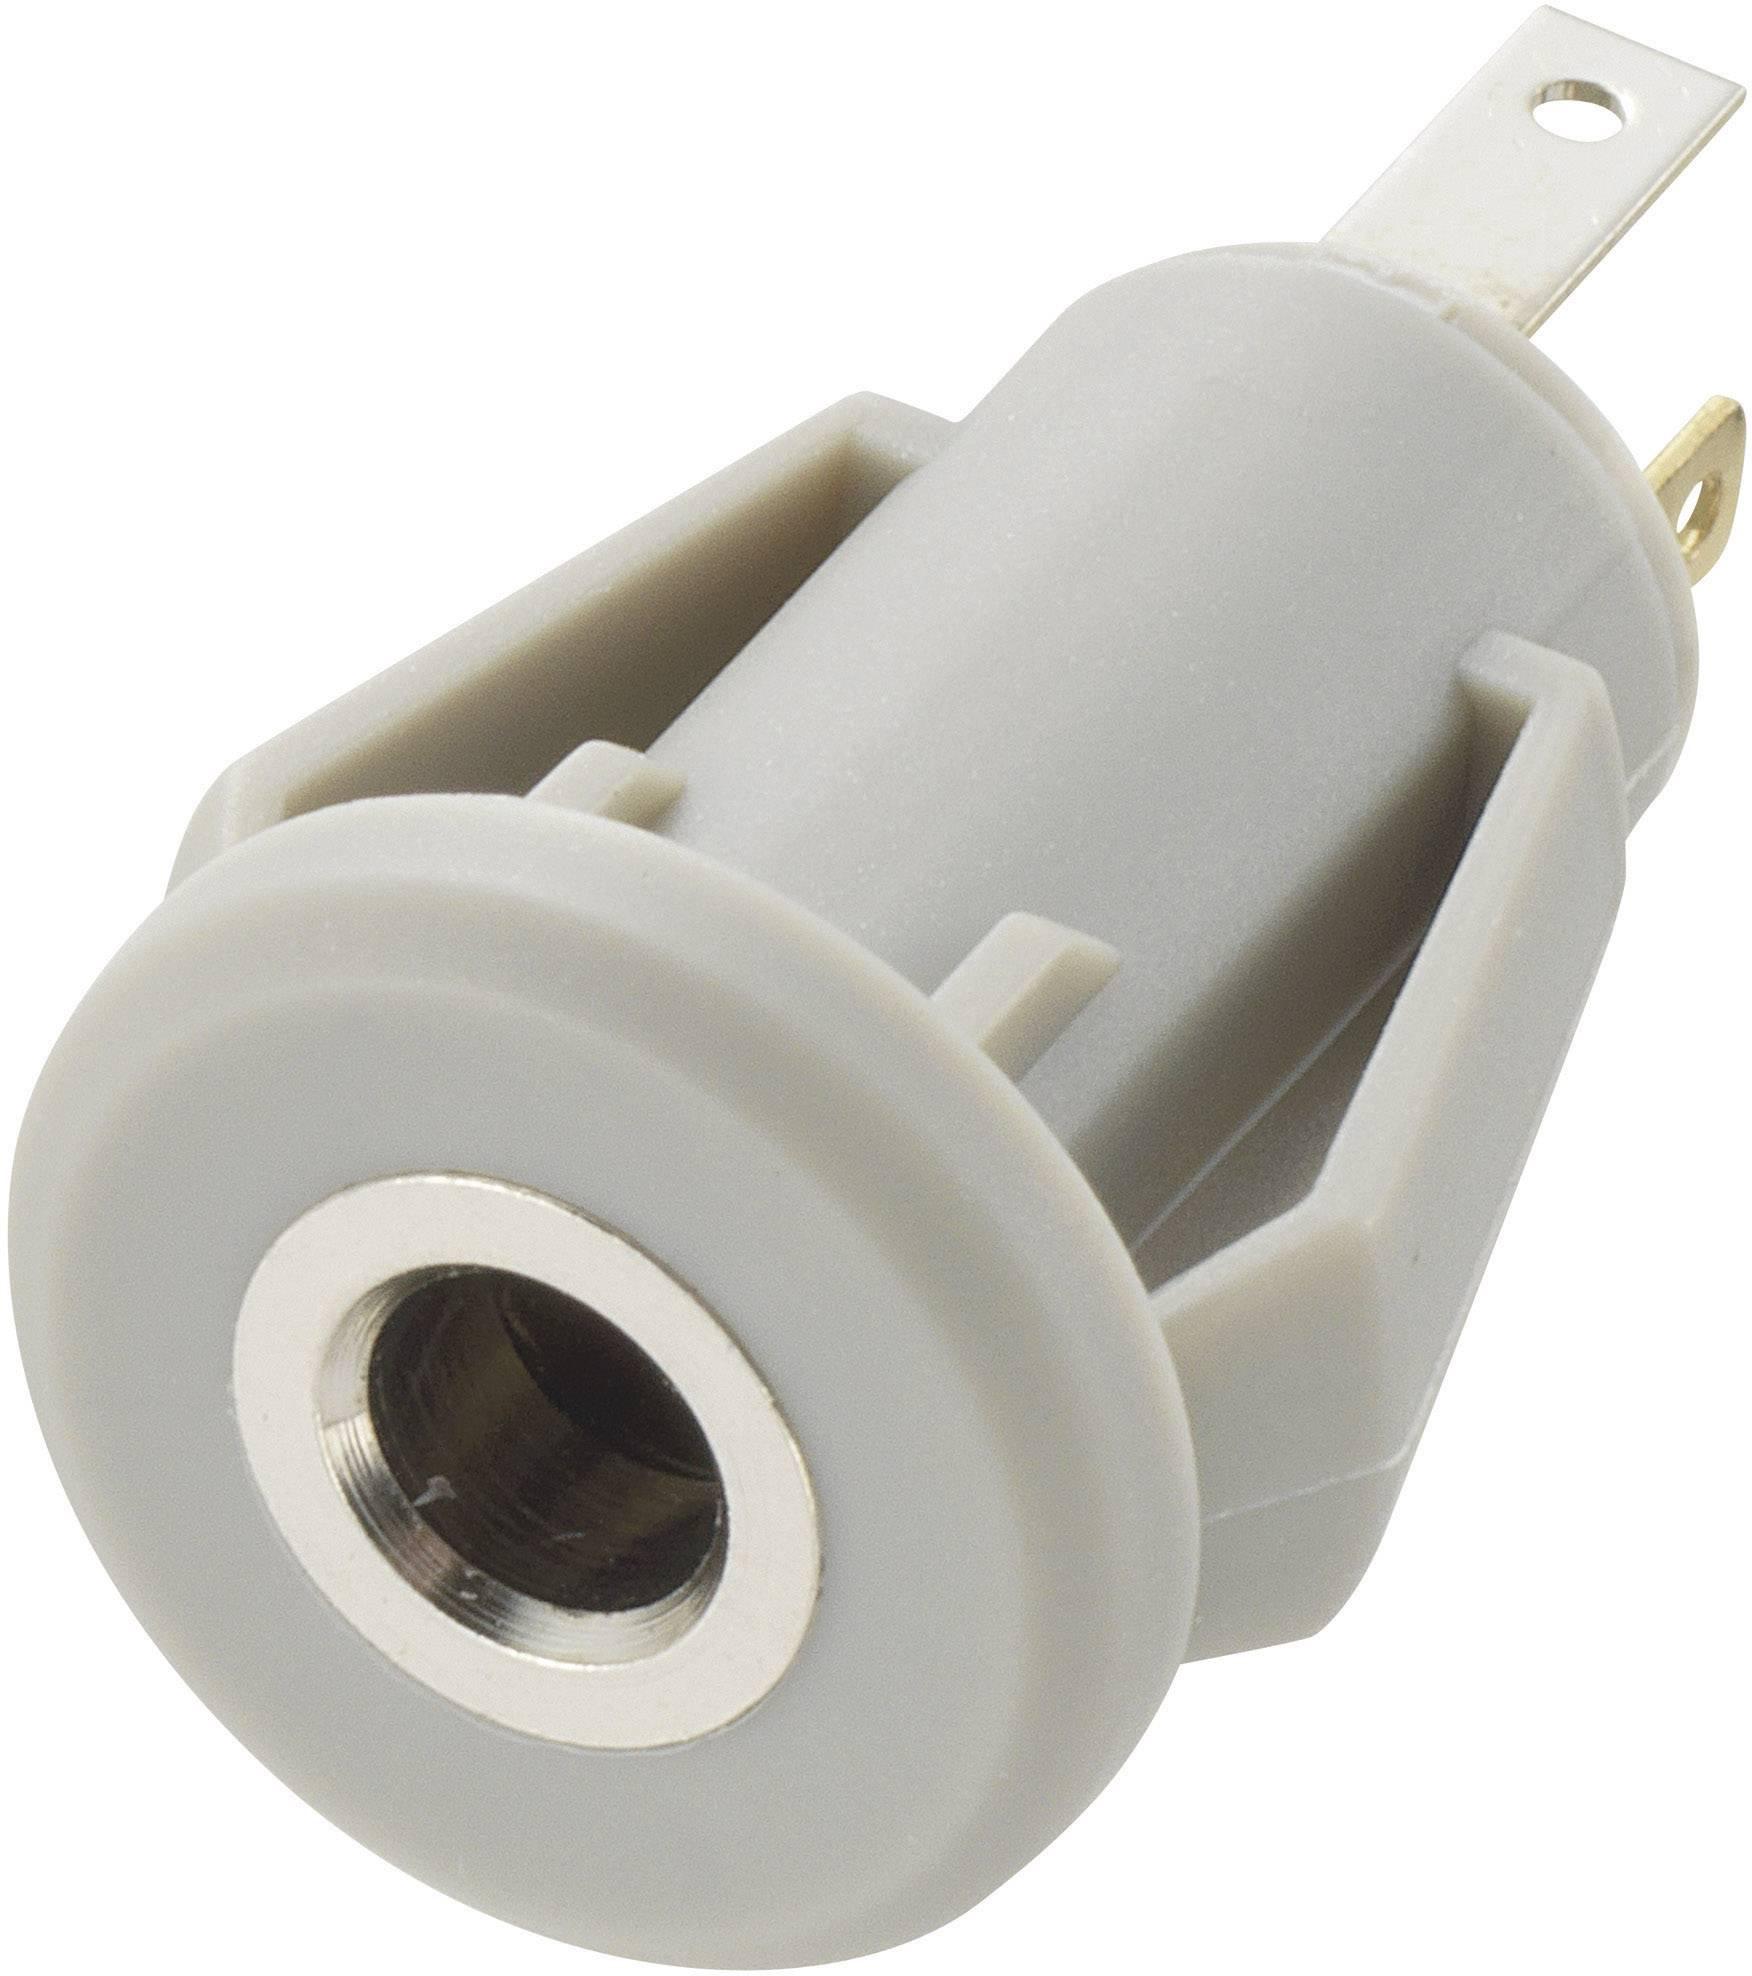 Jack konektor 3.5 mm TRU COMPONENTS 718501 zásuvka, vstavateľná vertikálna stereo, pólů 4, 1 ks